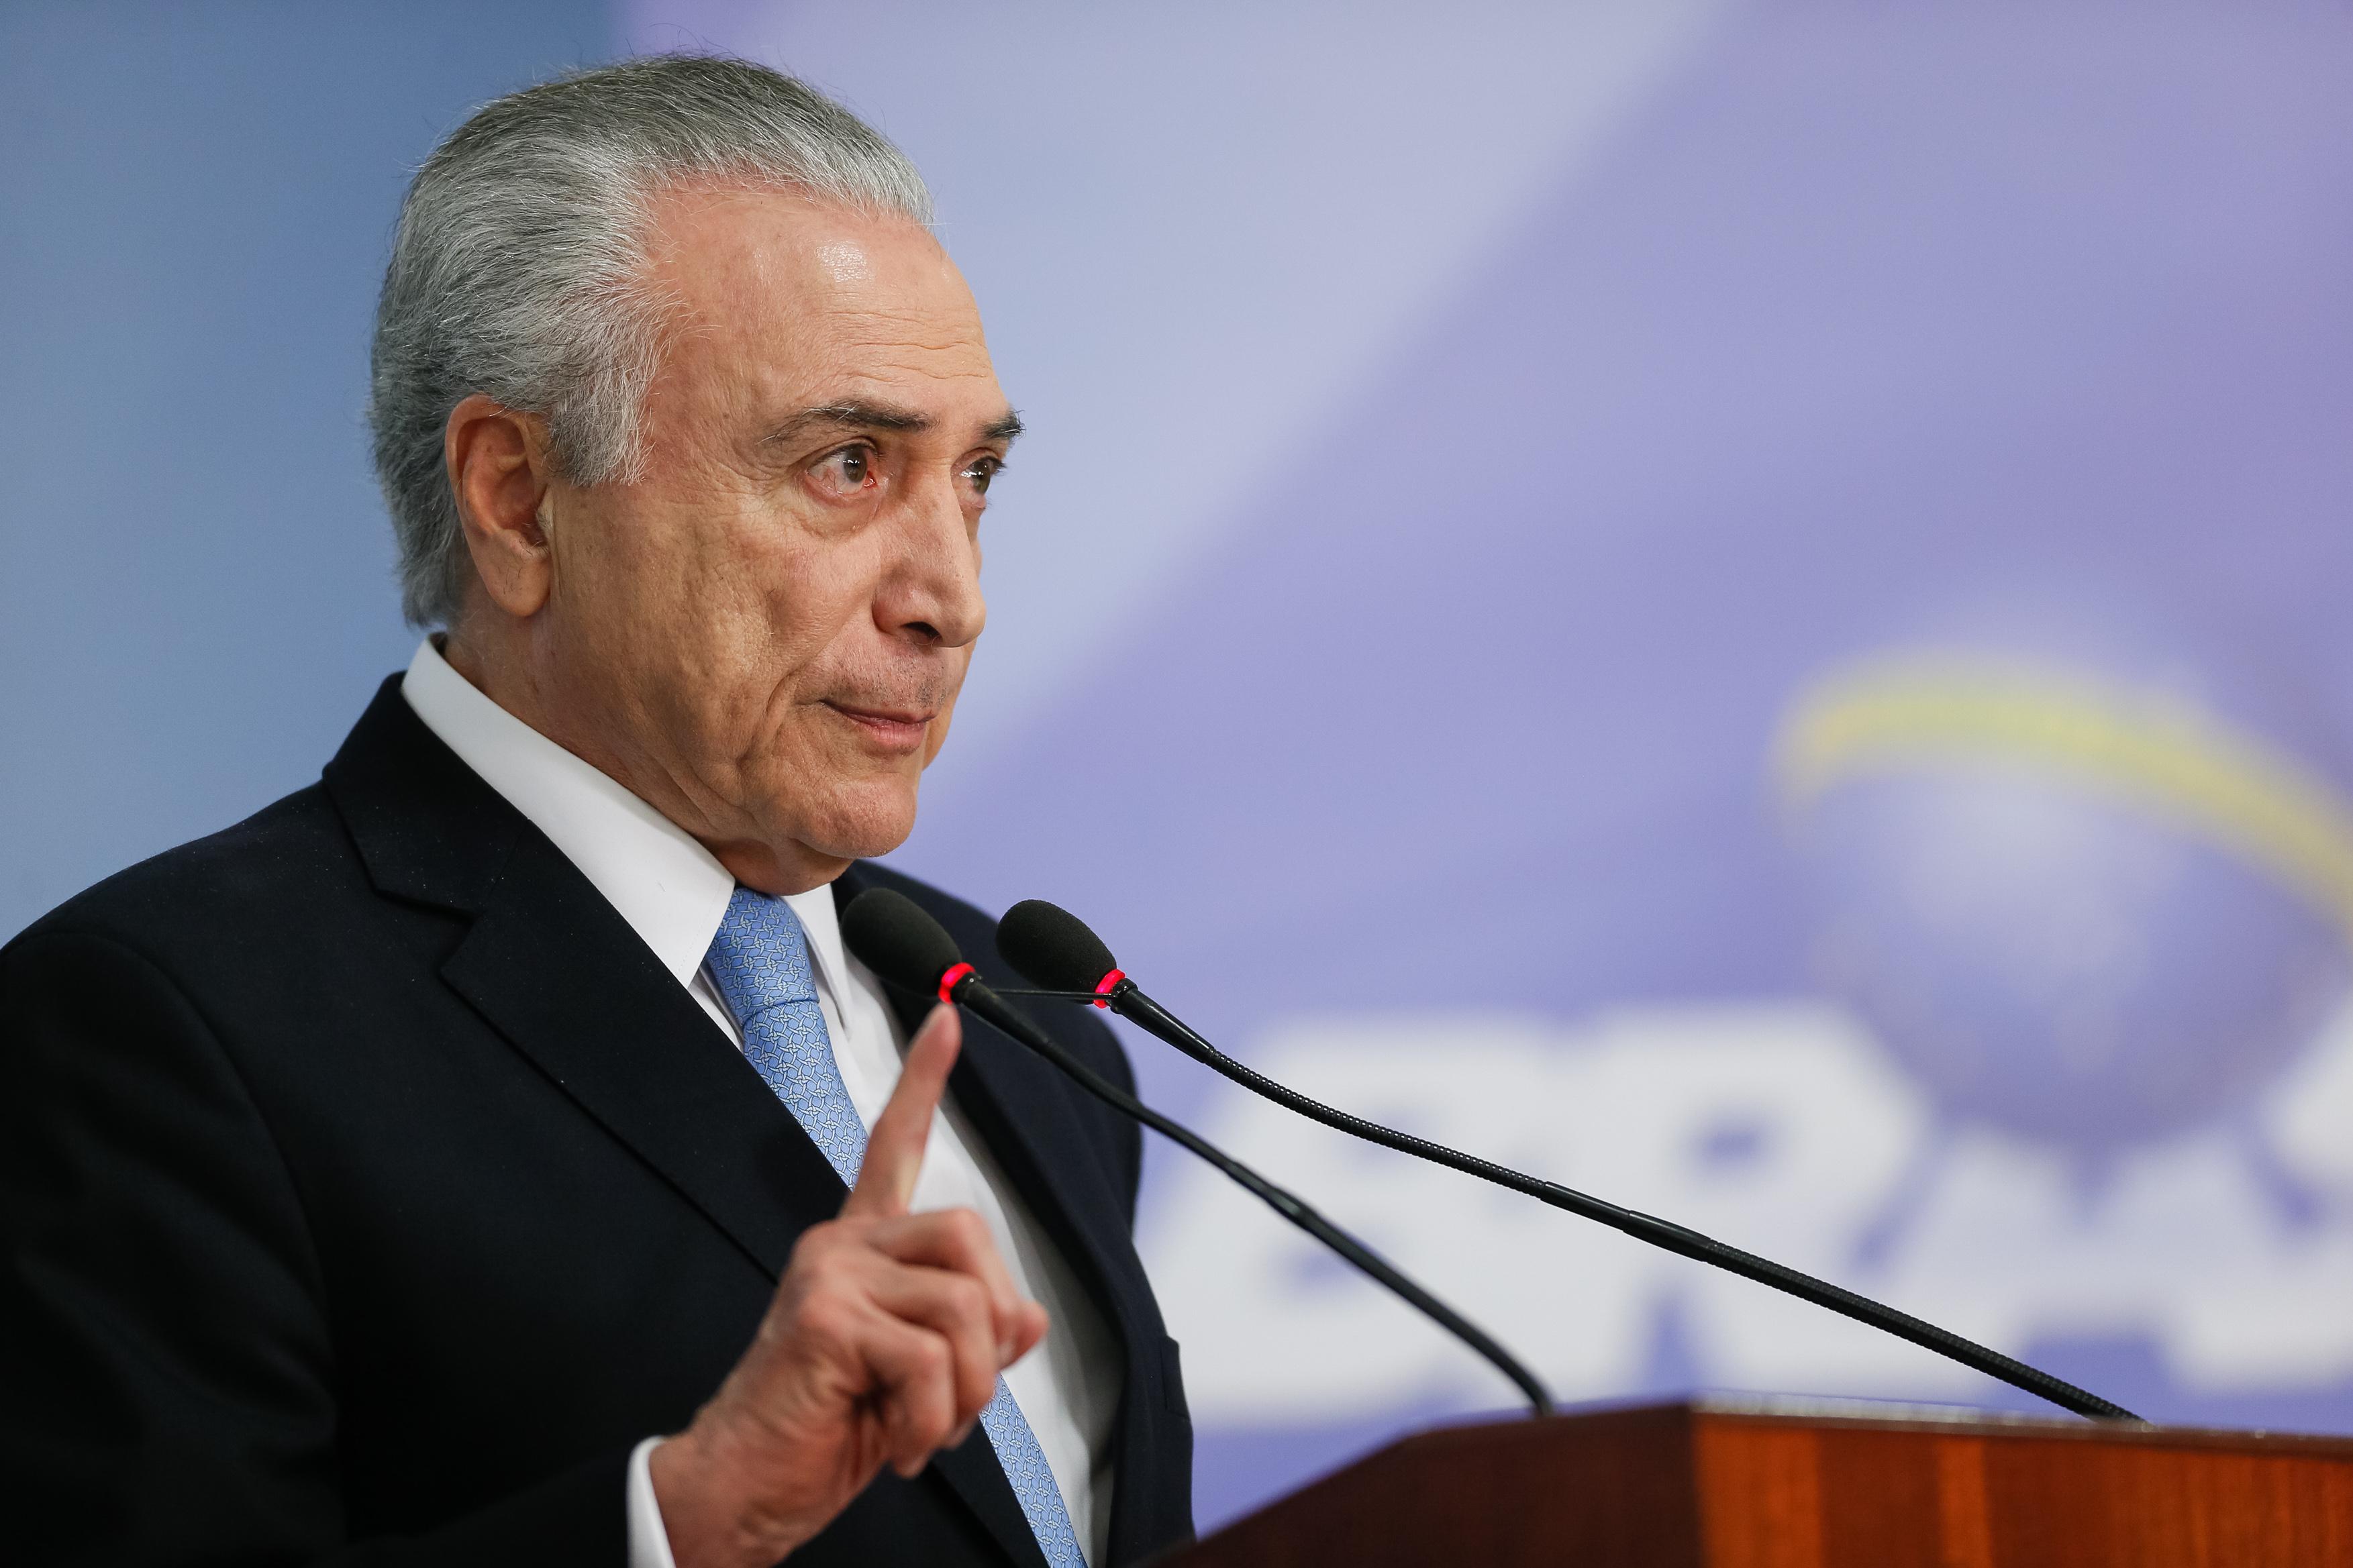 Urgente: Planalto publica convocação de Temer